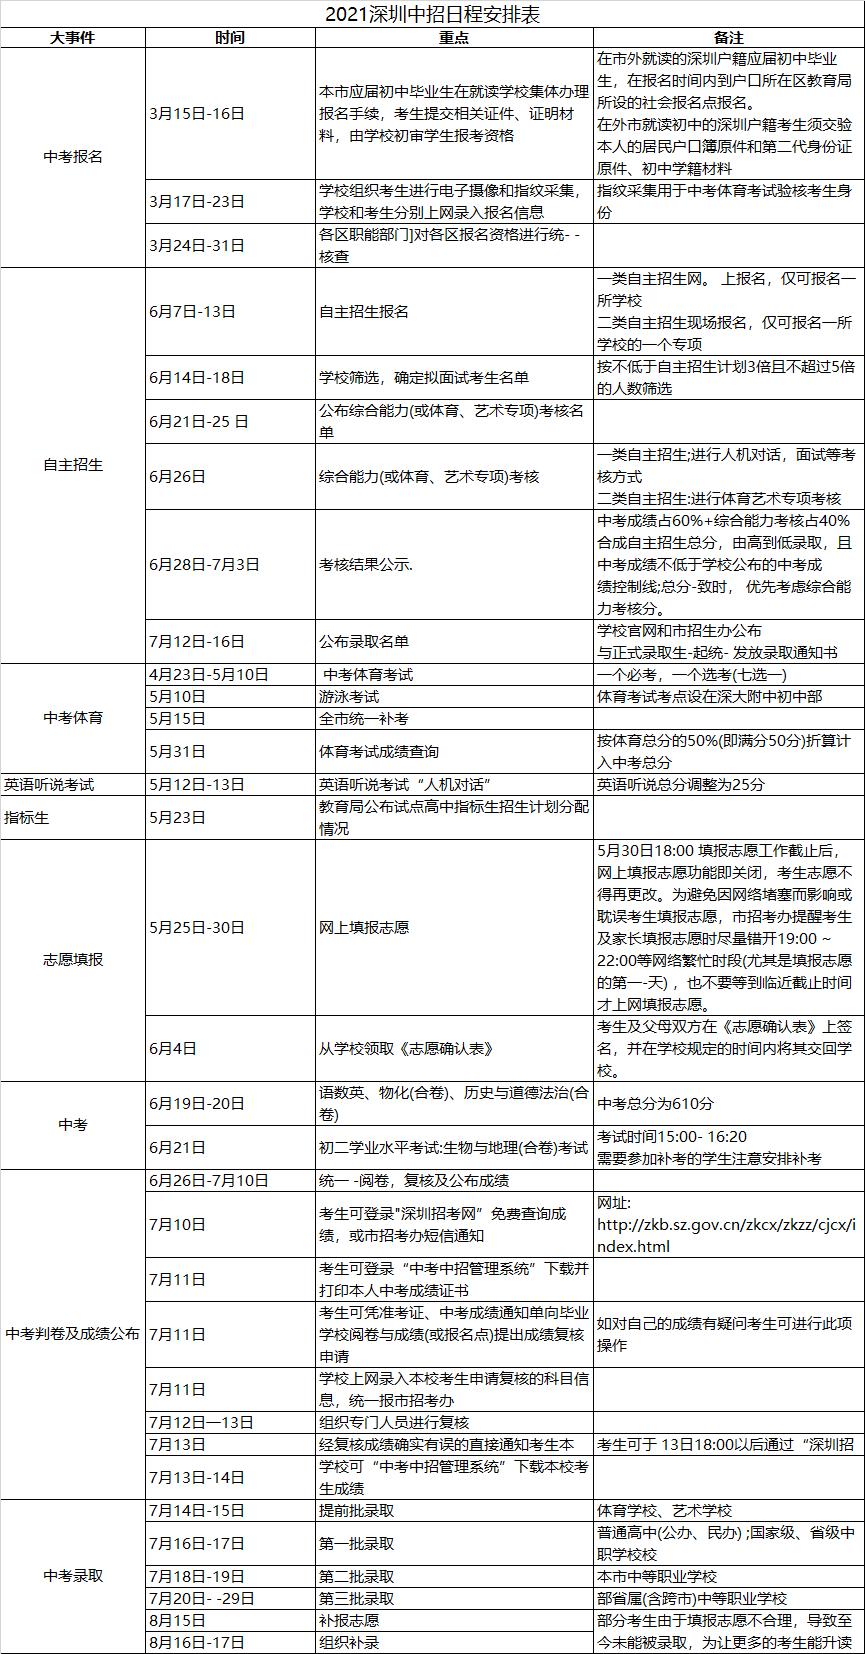 2021年廣東深圳中考報名時間:3月15-16日